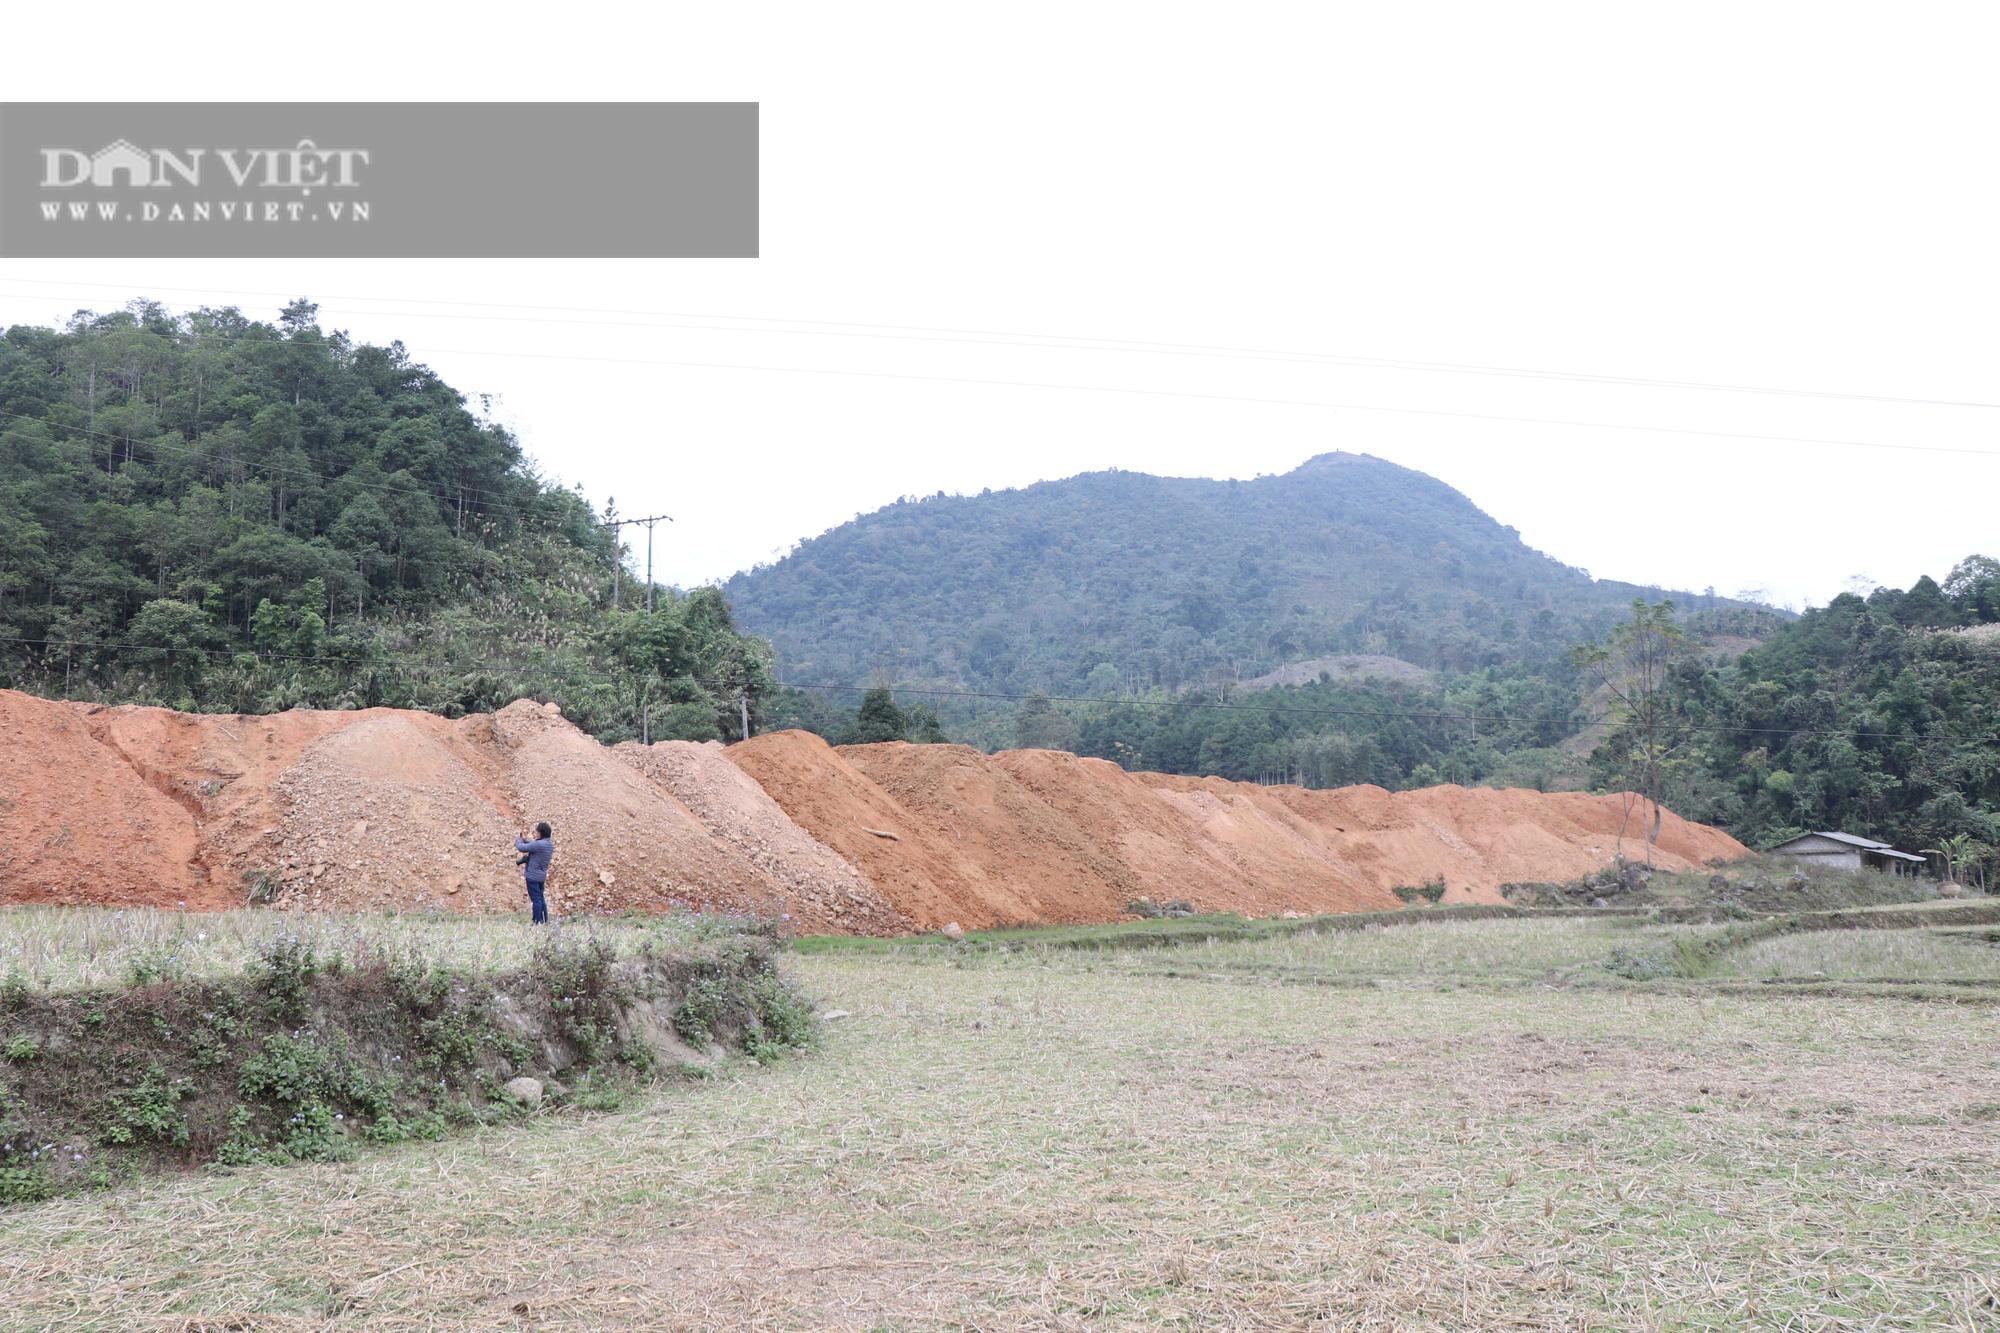 Đổ đất lấp ruộng ở Bắc Kạn: Chính quyền ra quyết định xử phạt - Ảnh 3.